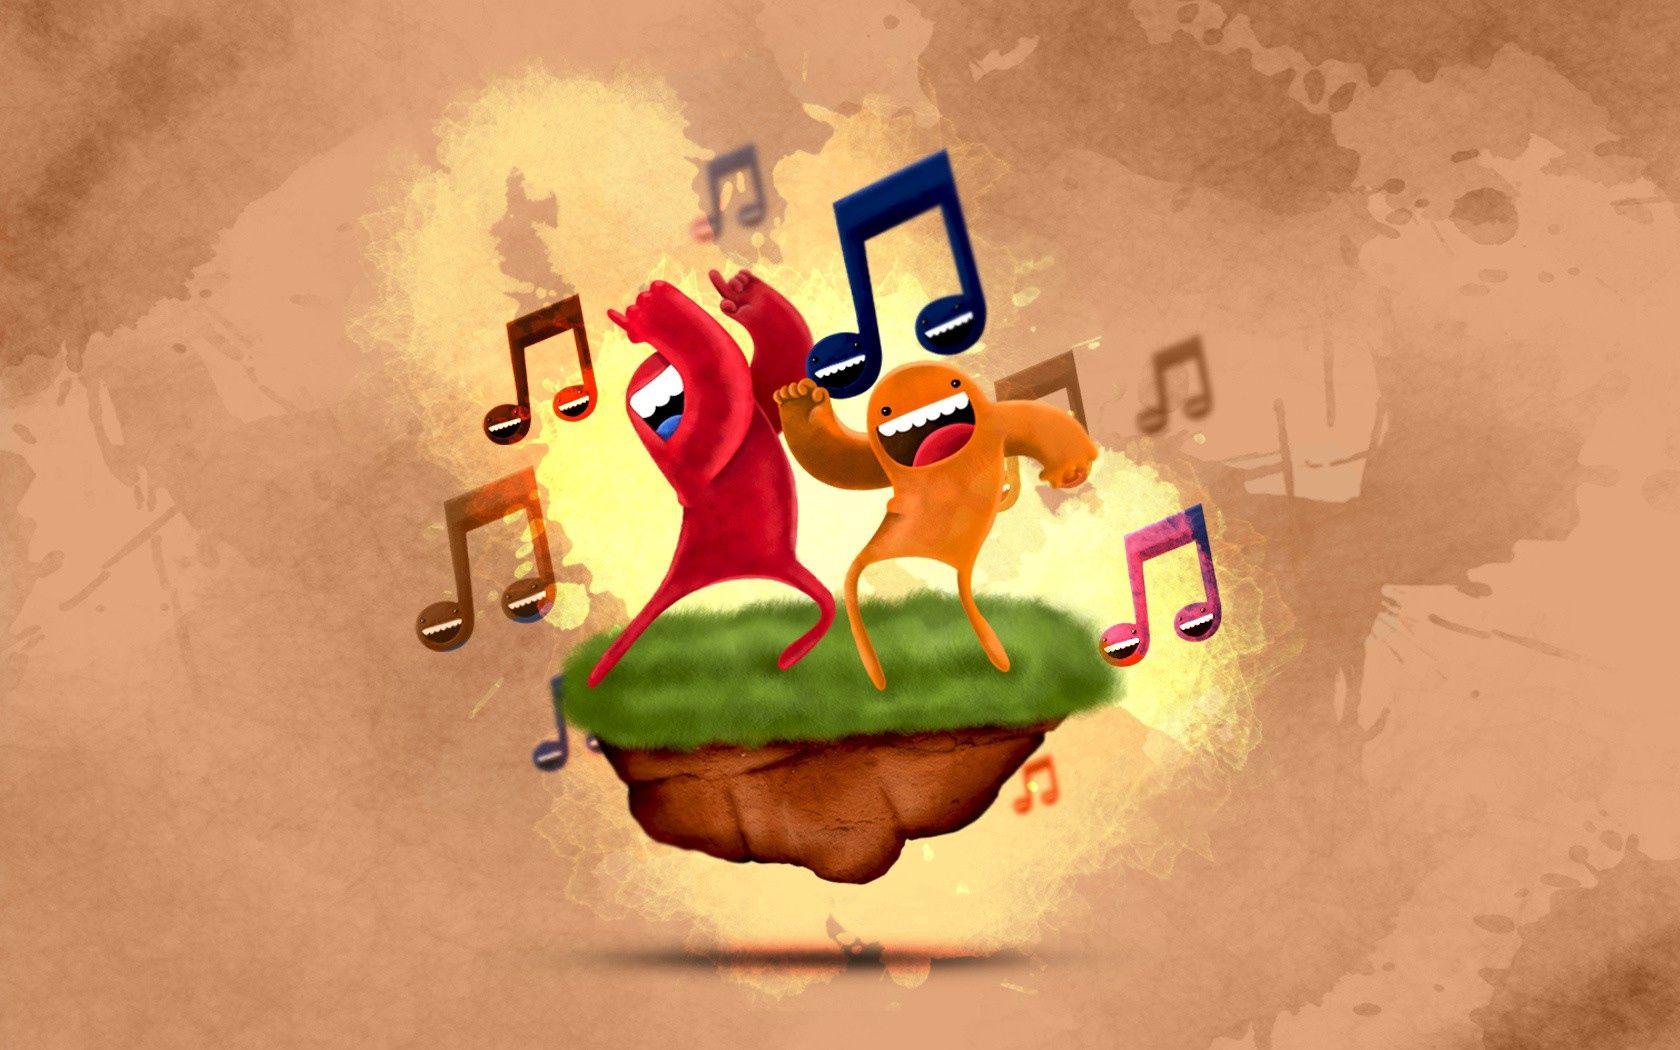 91112 Hintergrundbild herunterladen Musik, Grass, Kunst, Mehrfarbig, Motley, Die Insel, Insel, Anmerkungen, Tanzen, Tanz - Bildschirmschoner und Bilder kostenlos